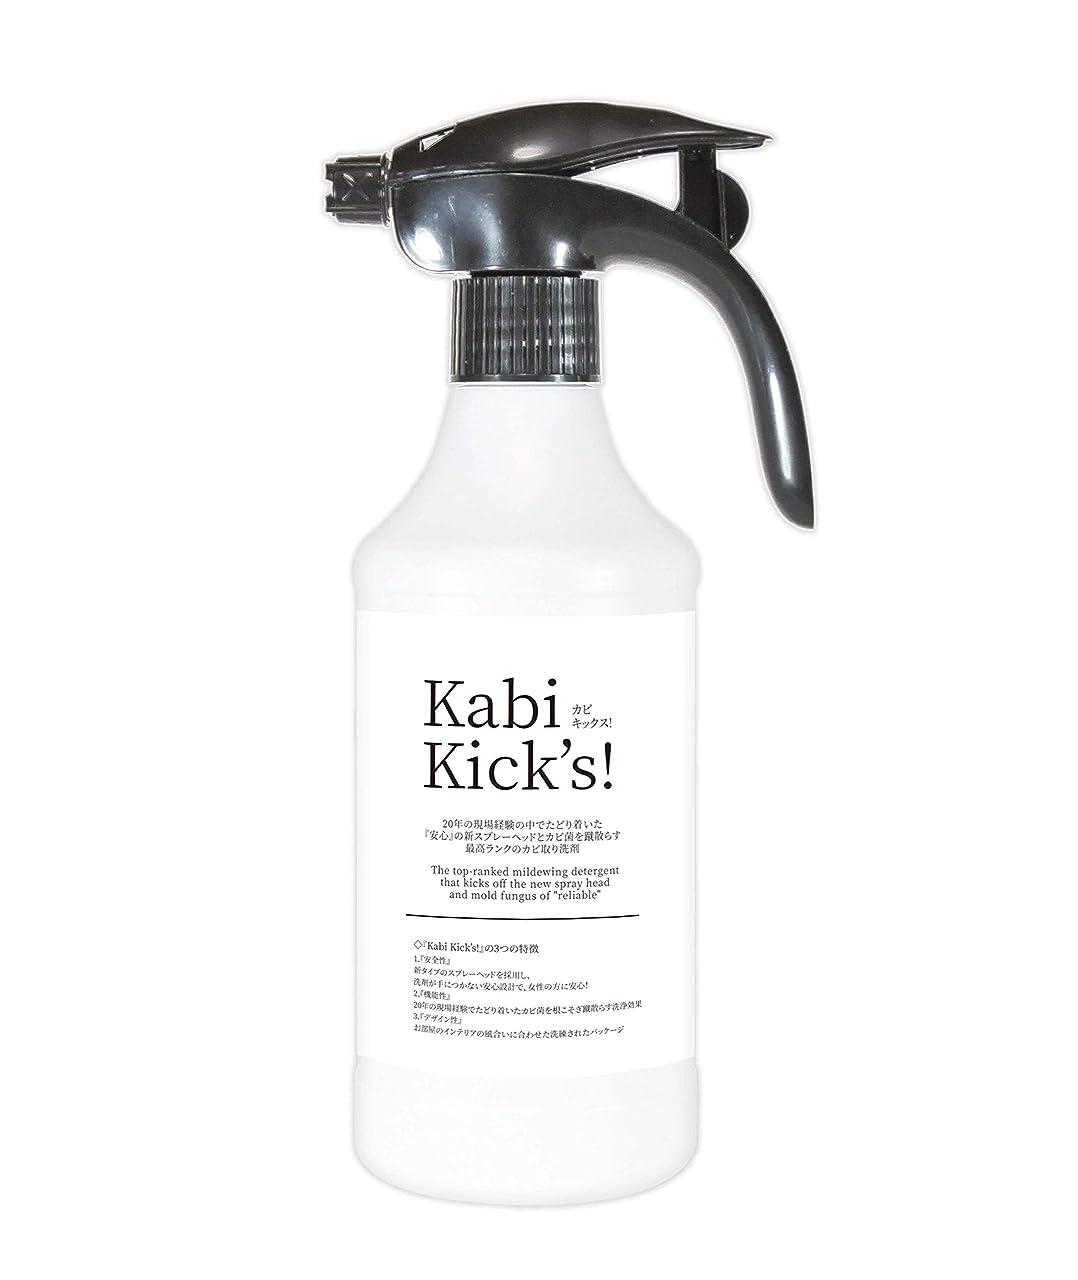 戦闘眠り石鹸強力! 業務用 カビ取り剤+防カビ機能 『カビキックス』 液スプレータイプ 450g